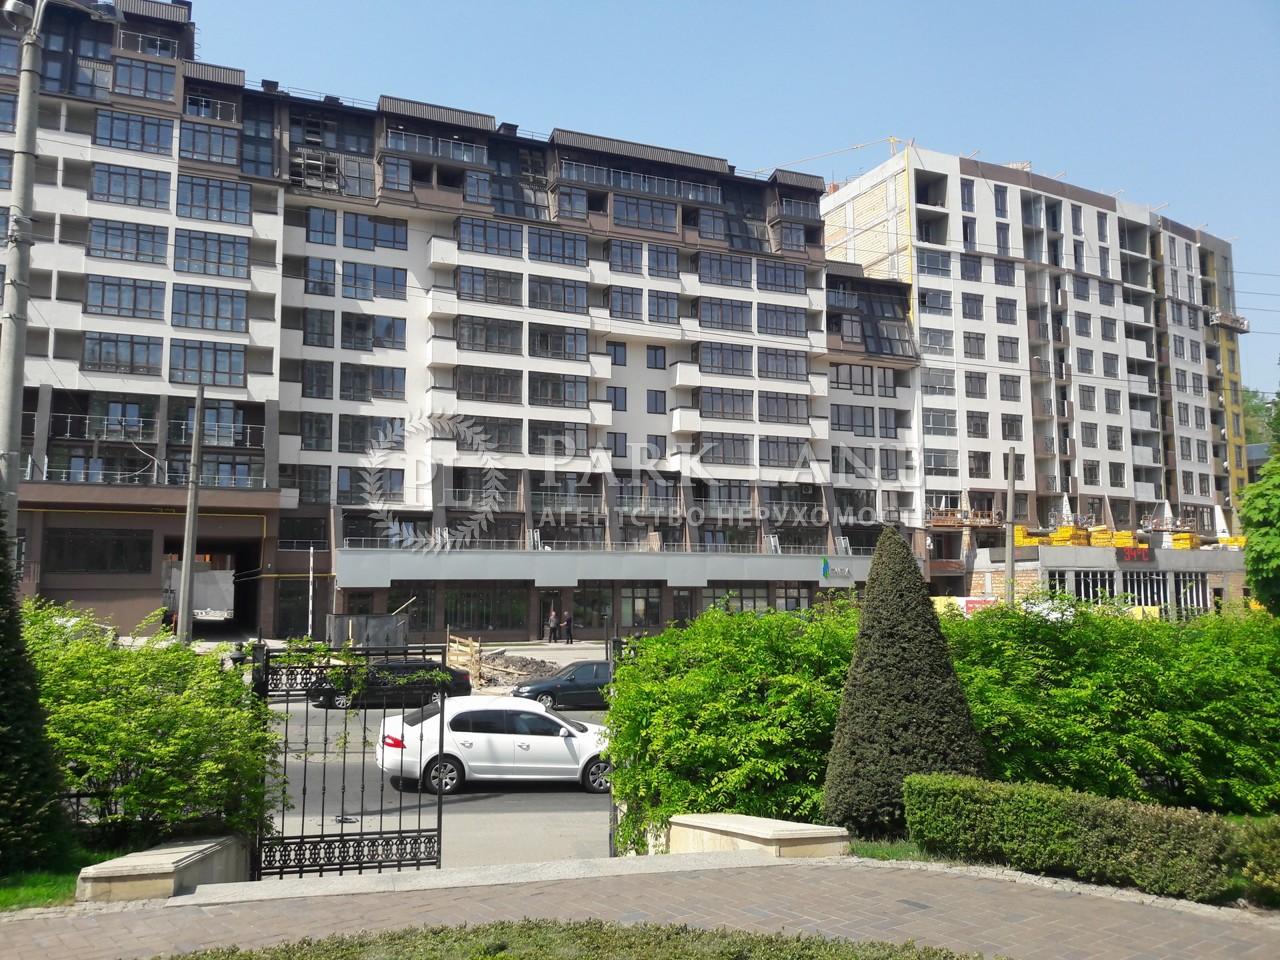 Квартира ул. Глубочицкая, 13 корпус 3, Киев, B-98134 - Фото 1